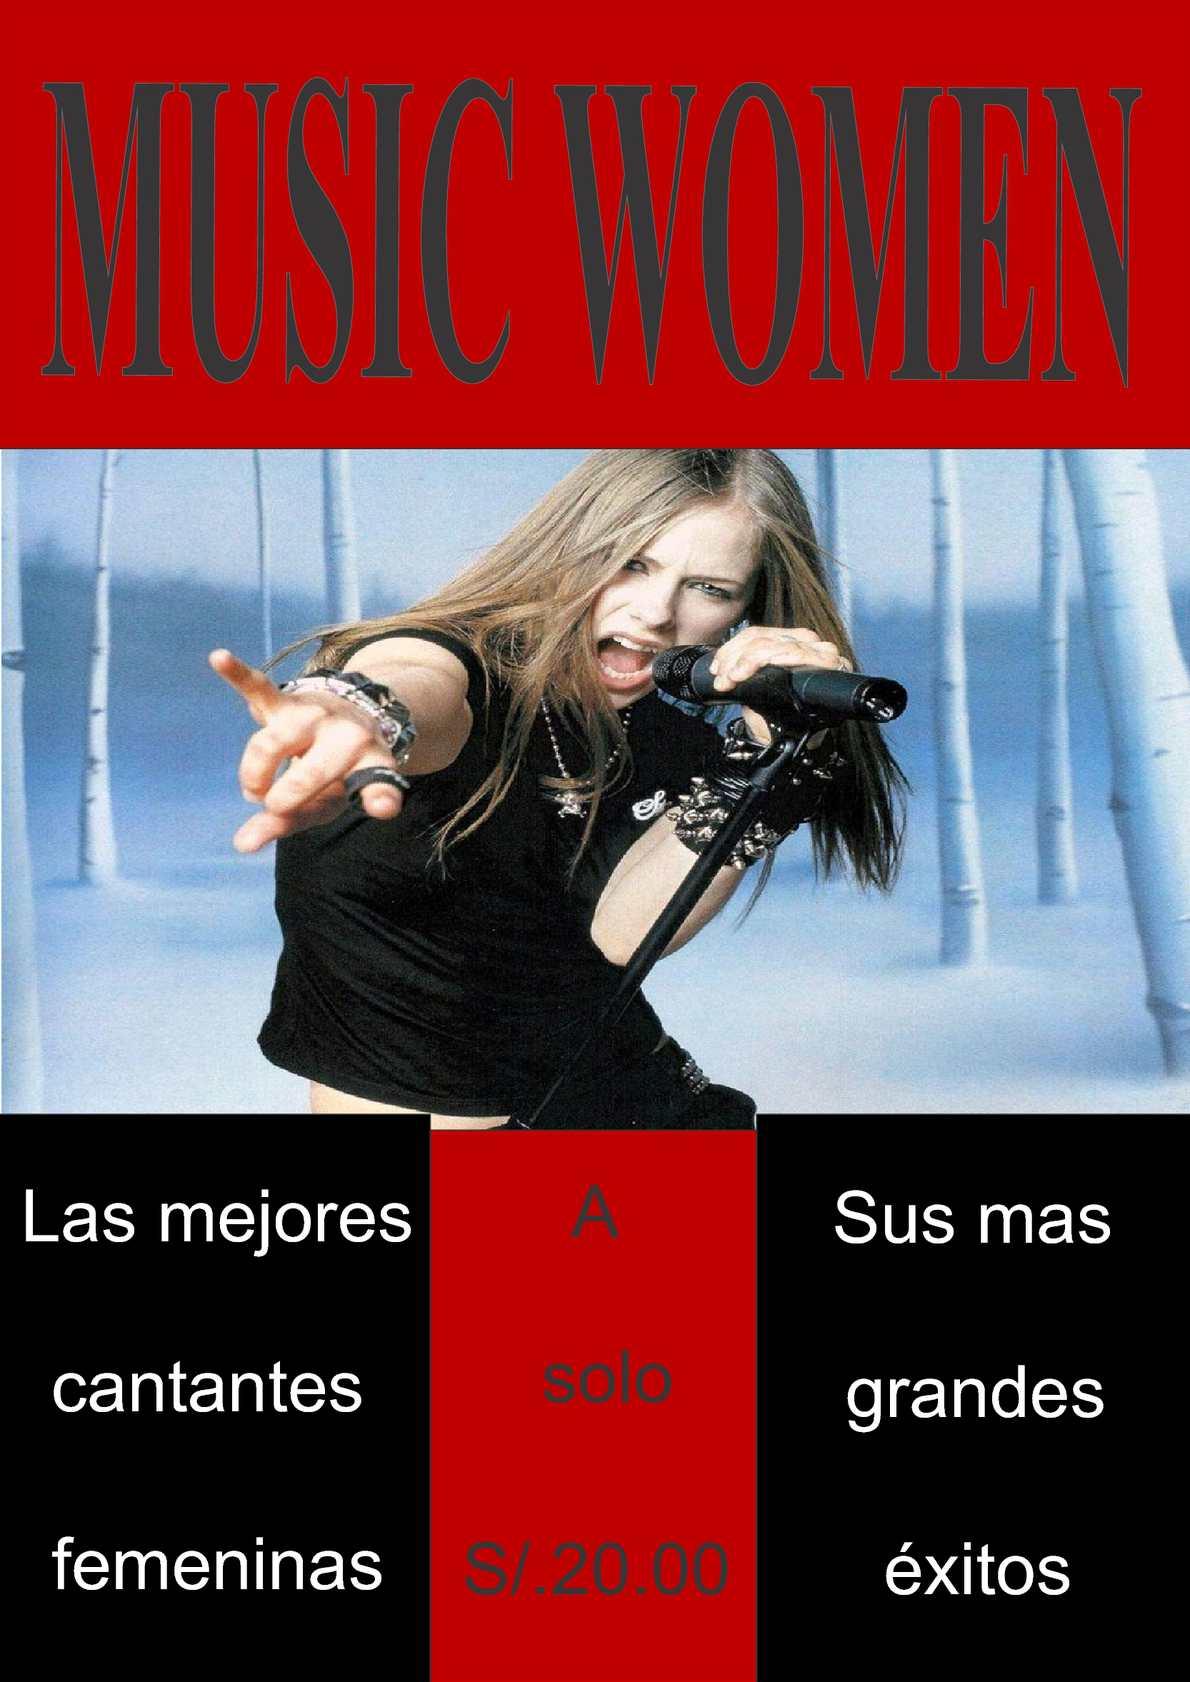 WOMEN MUSIC